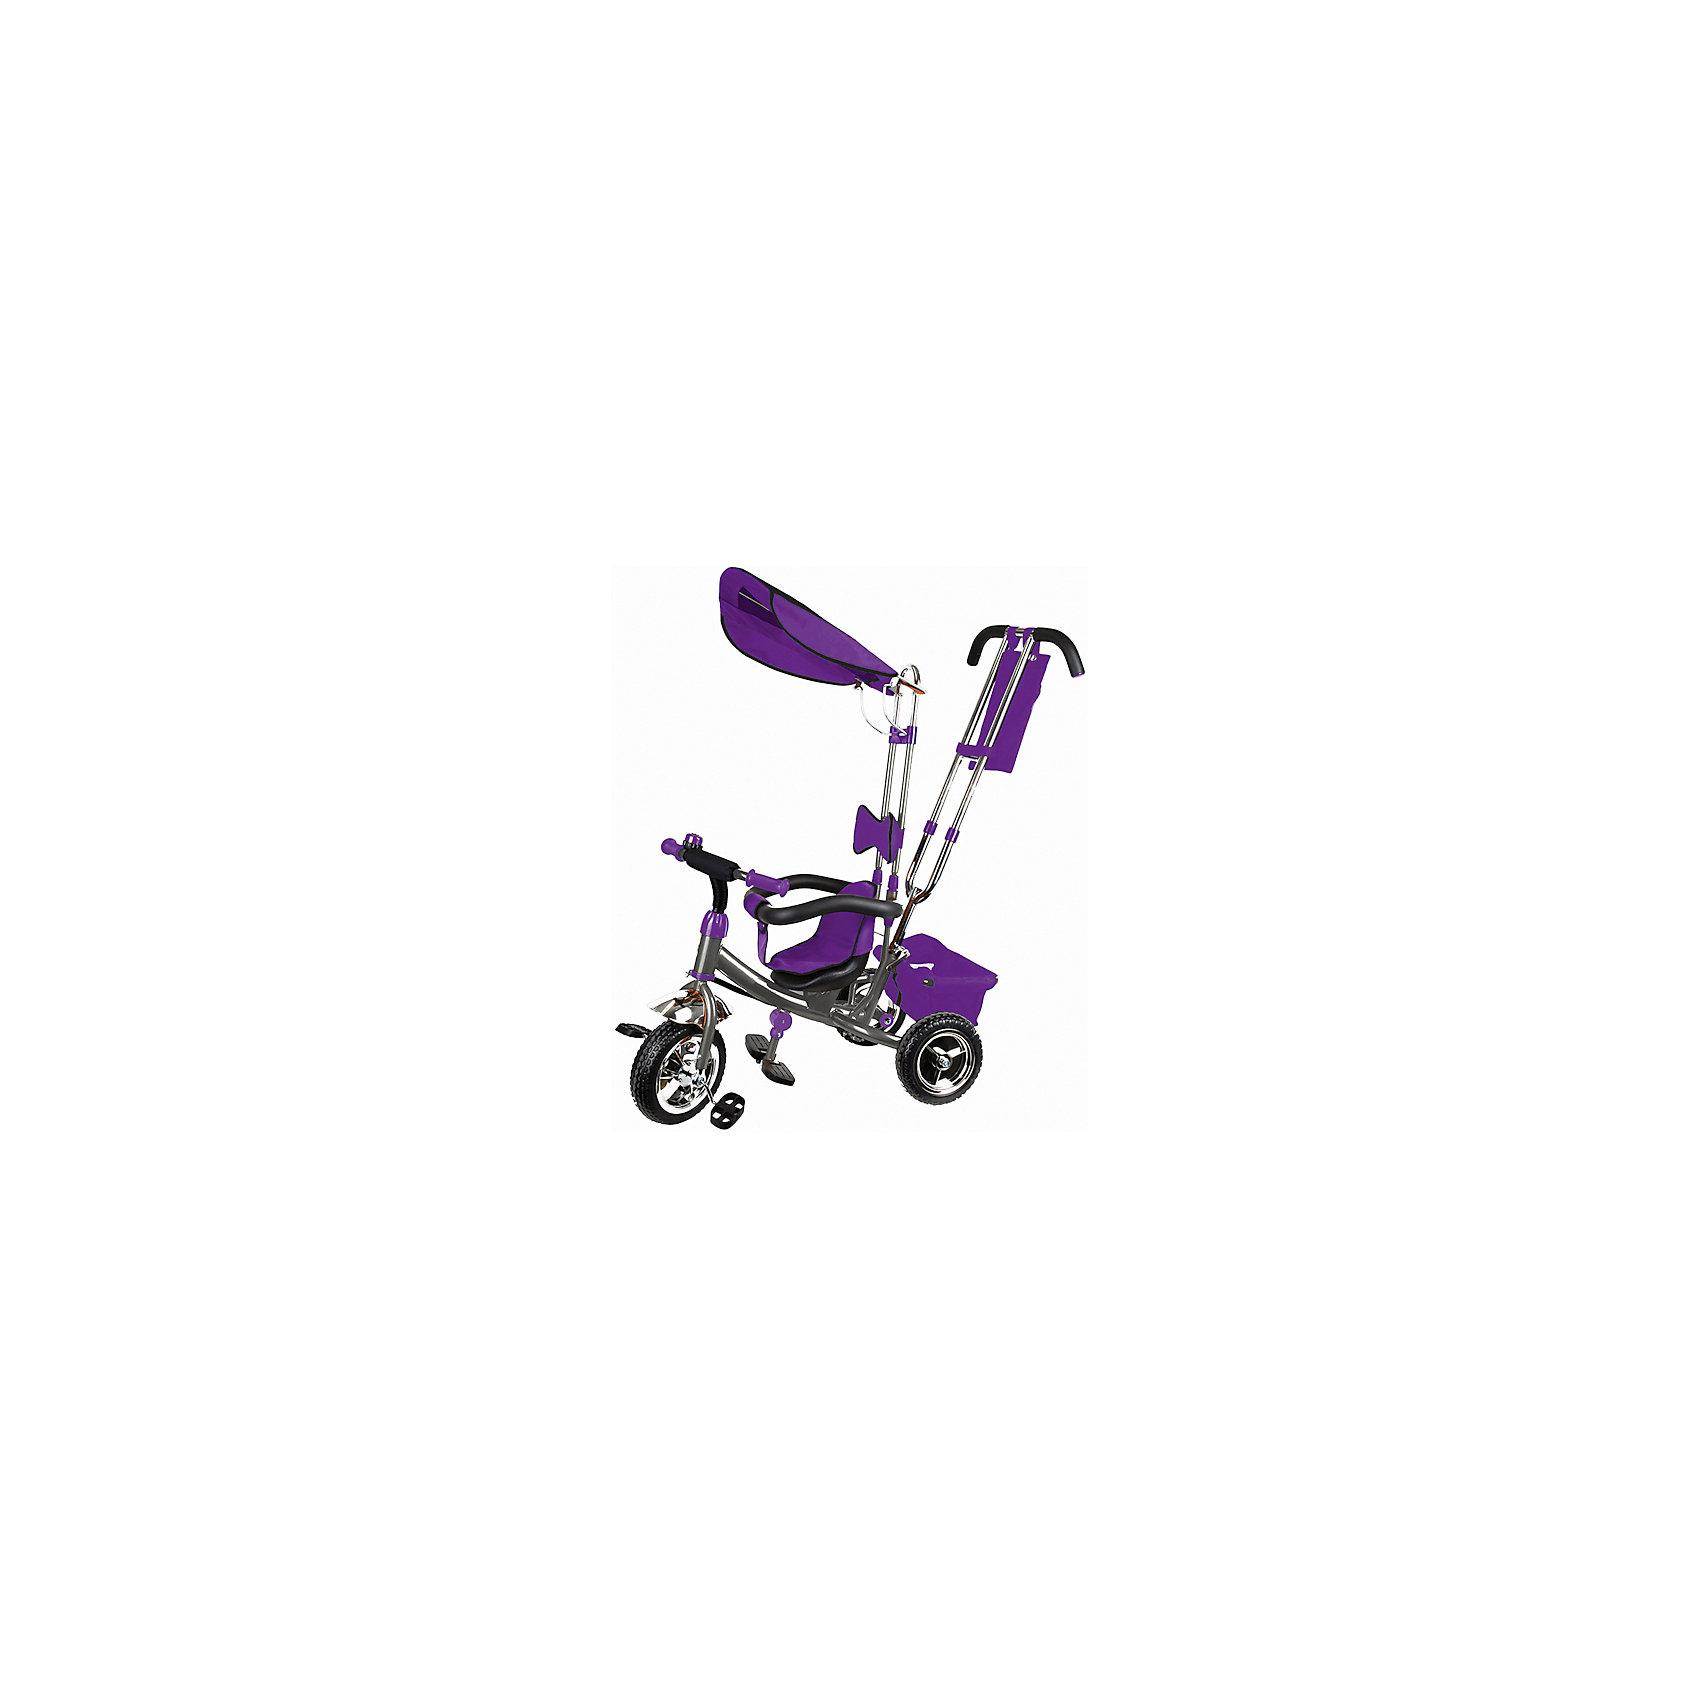 Lexus Trike Lexus Trike Трехколесный велосипед, фиолетовый купить велосипед самый дешевый в интернет магазине